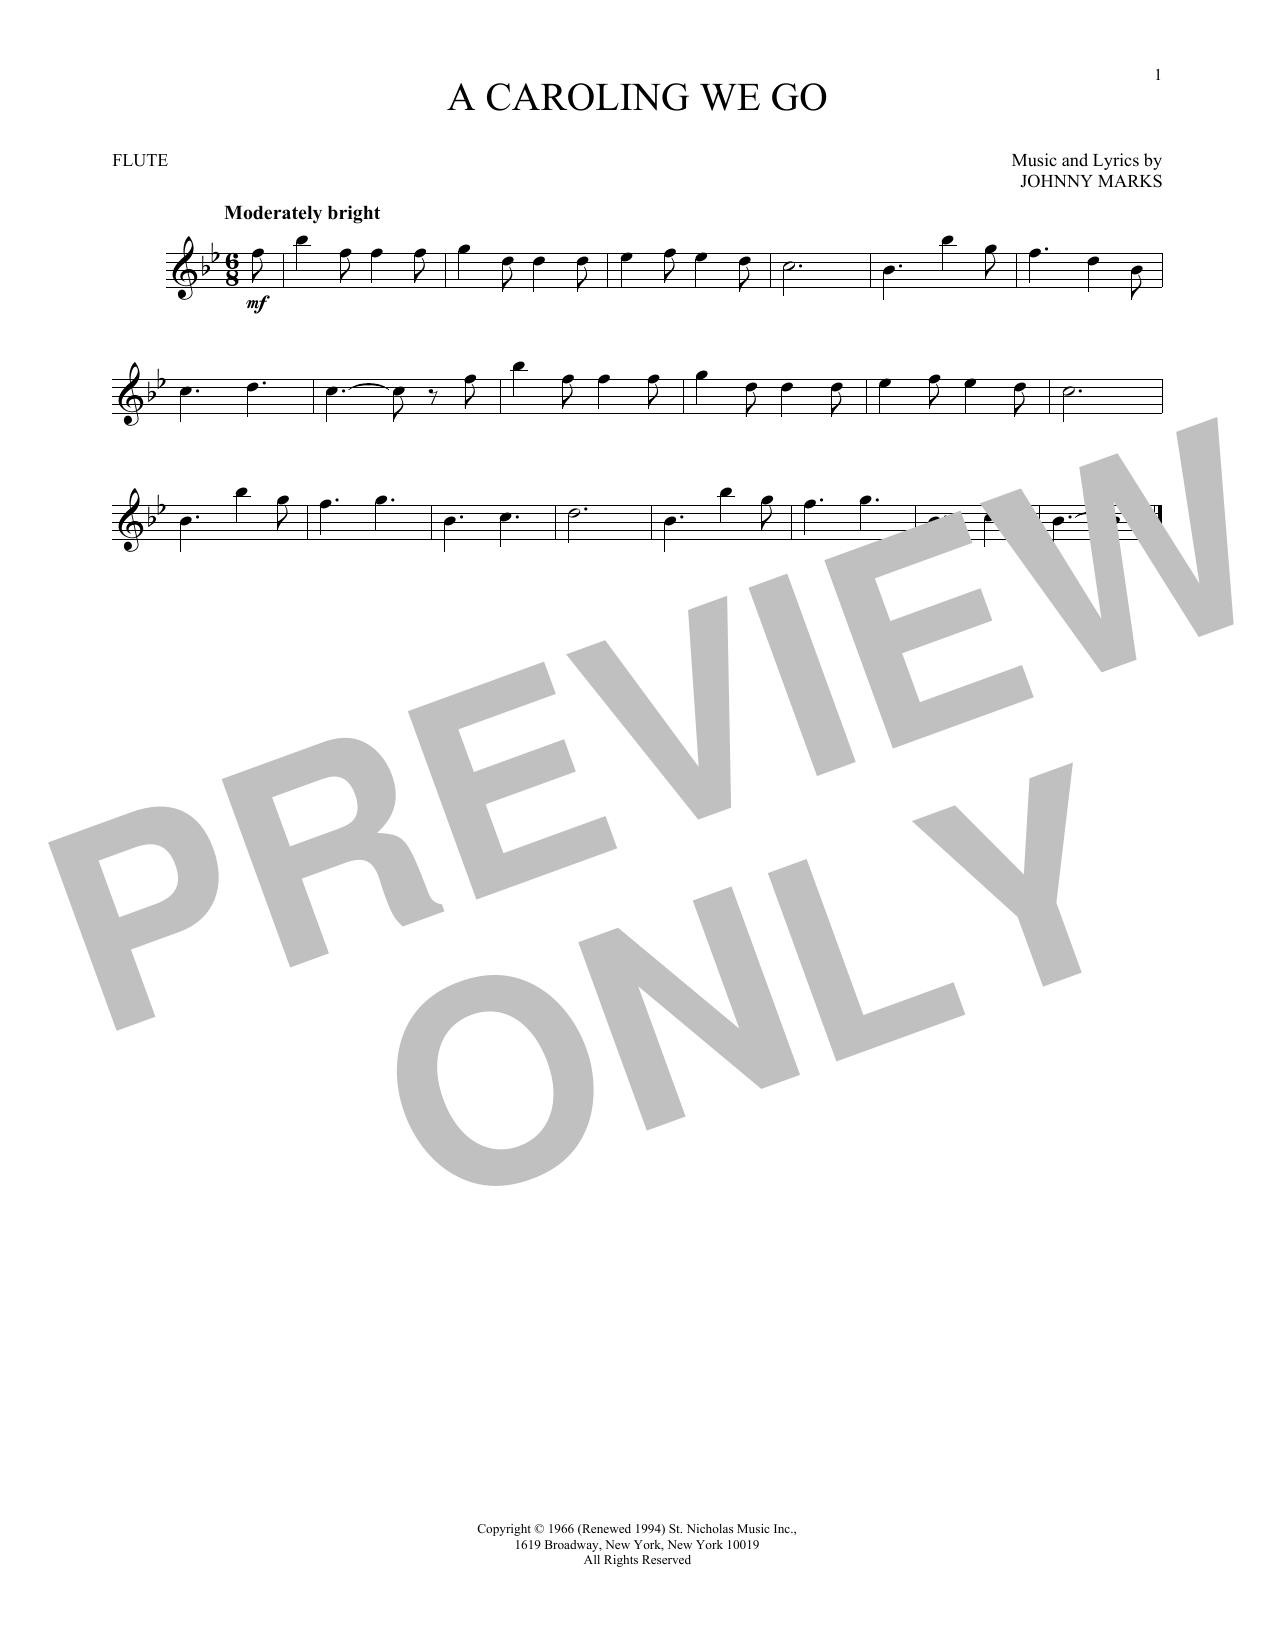 A Caroling We Go (Flute Solo)